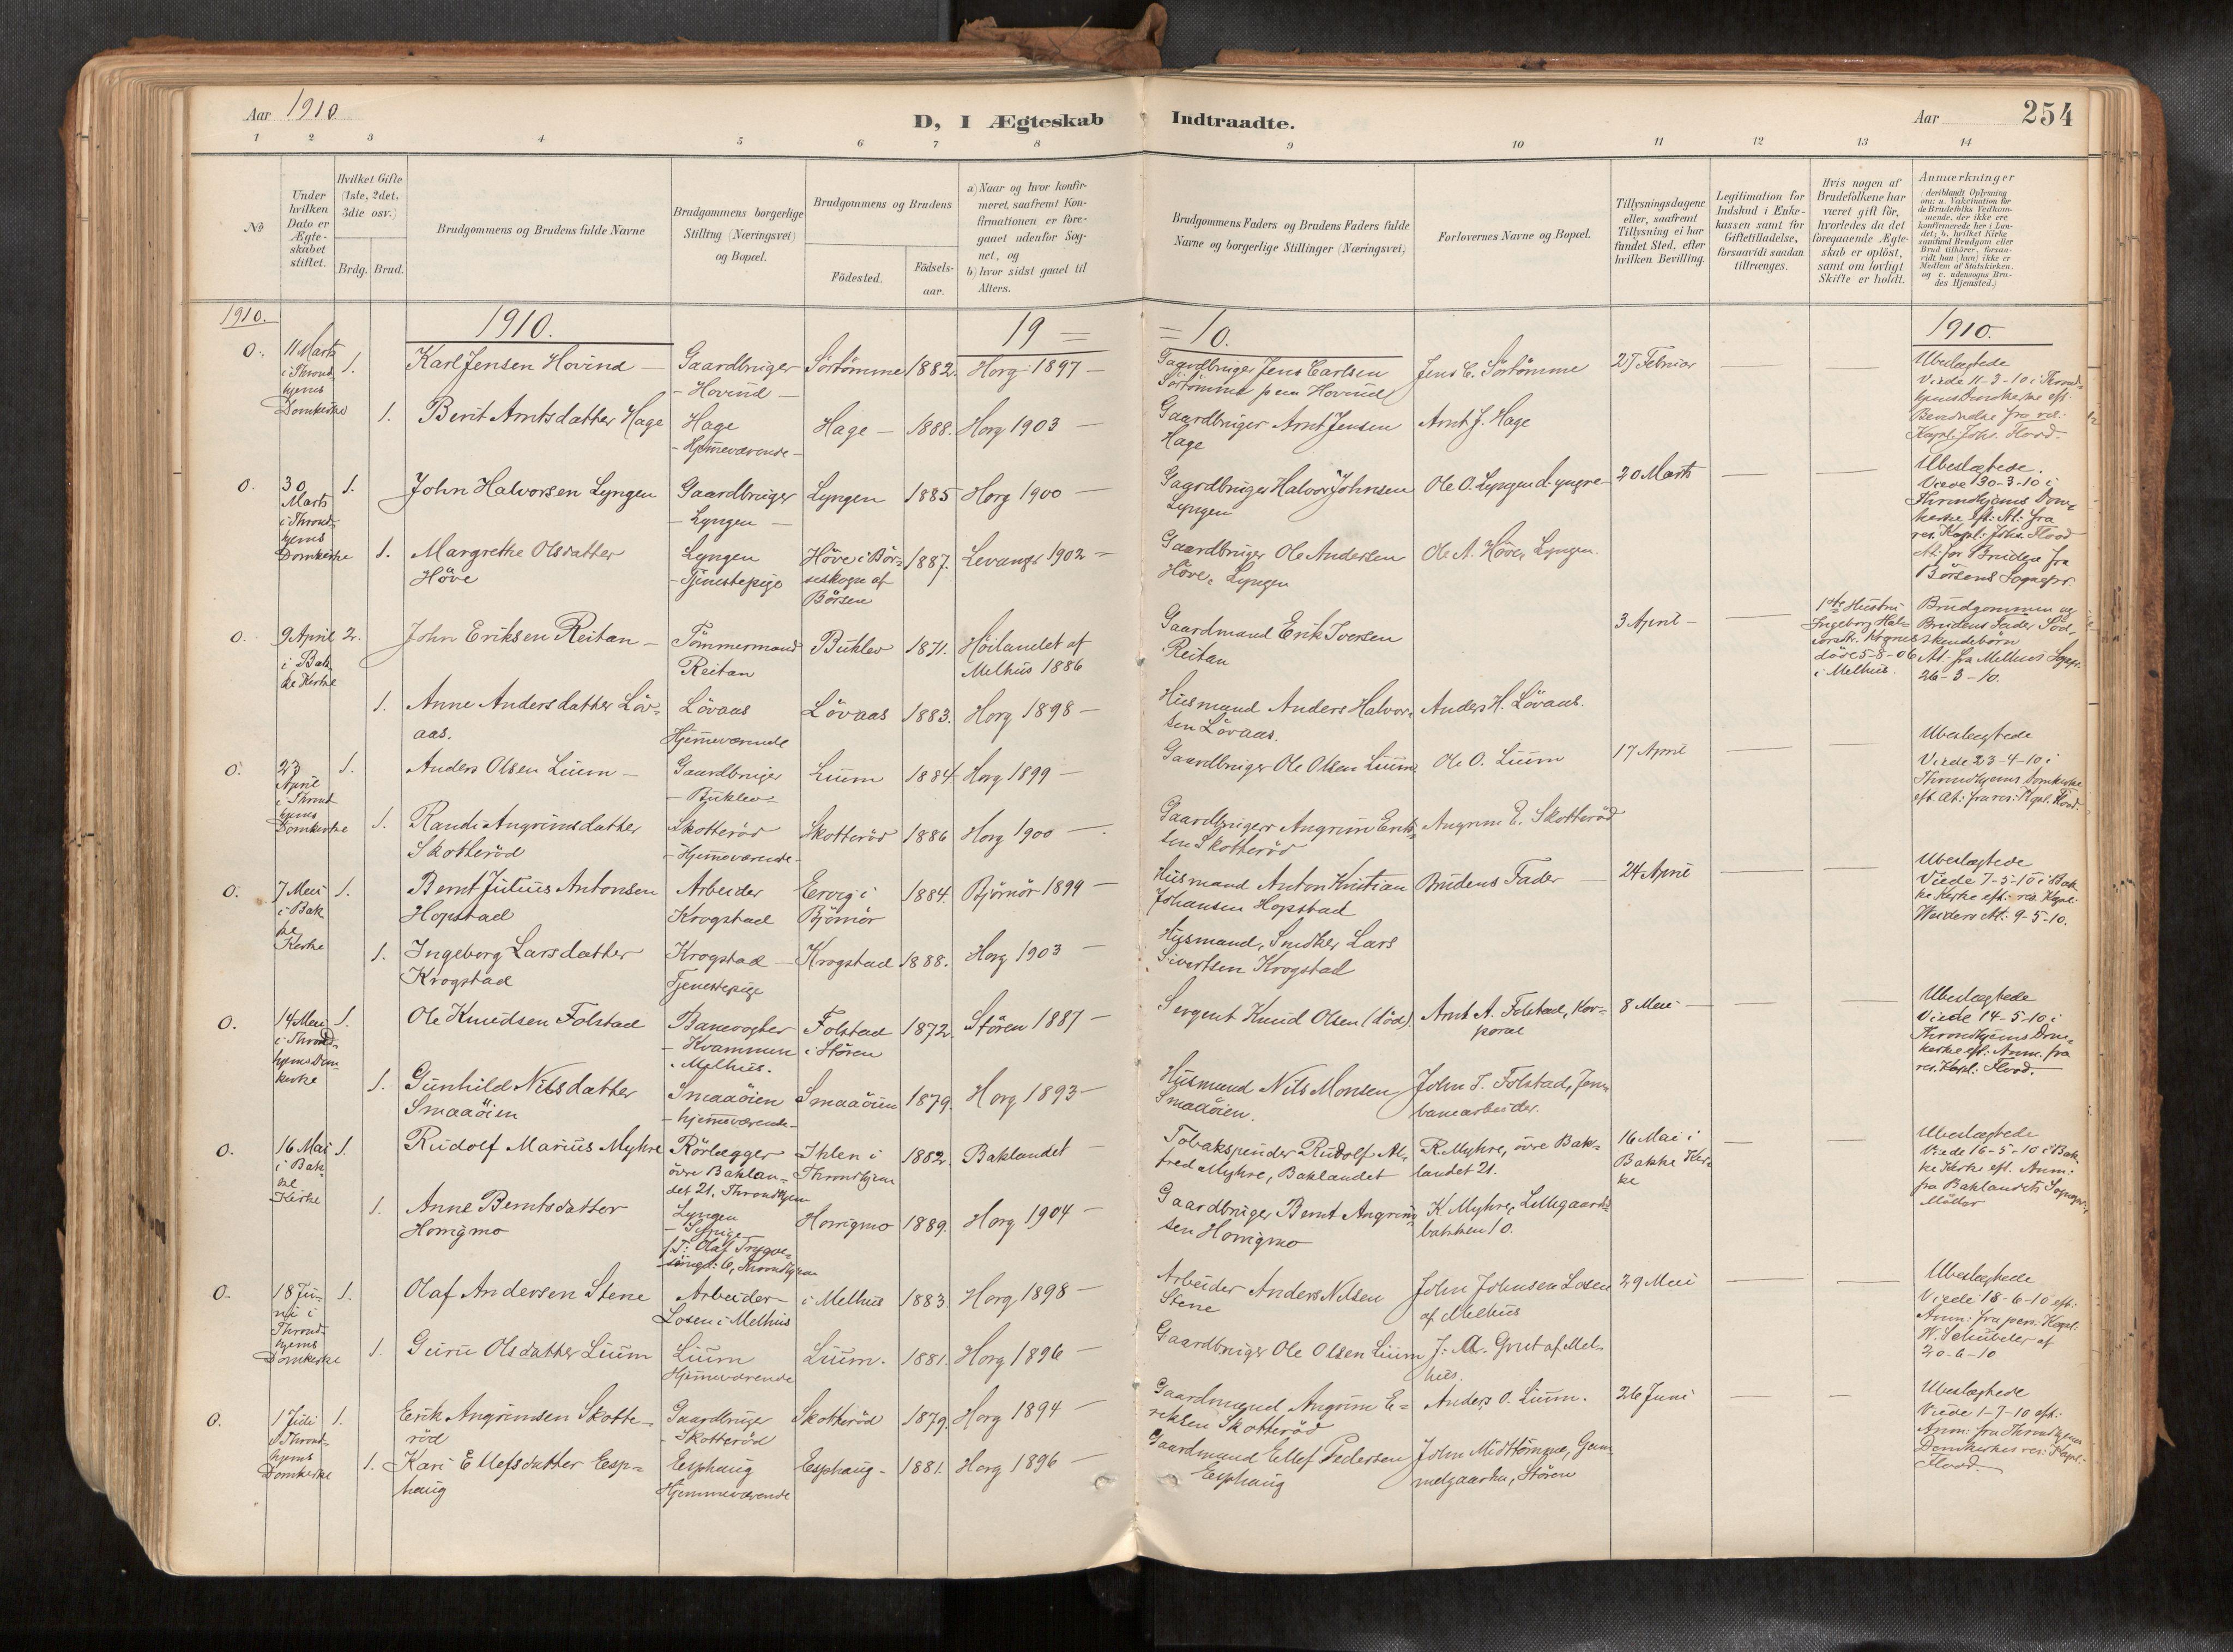 SAT, Ministerialprotokoller, klokkerbøker og fødselsregistre - Sør-Trøndelag, 692/L1105b: Ministerialbok nr. 692A06, 1891-1934, s. 254